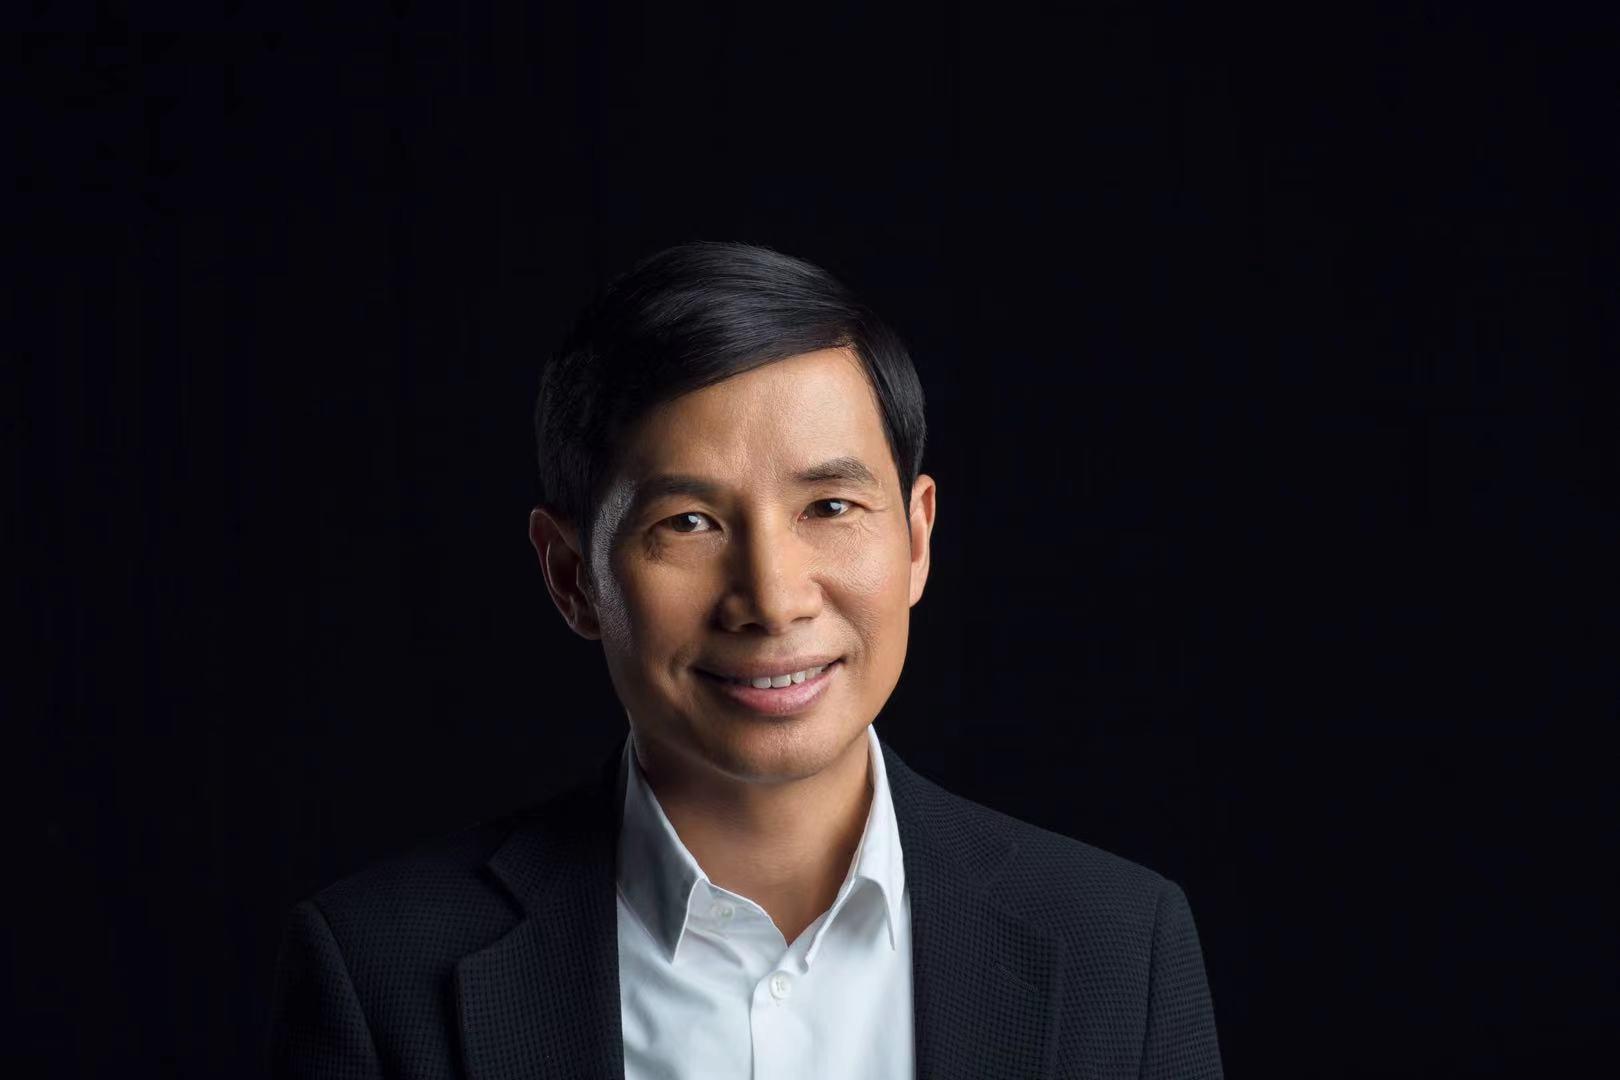 春华资本集团创始人、董事长胡祖六